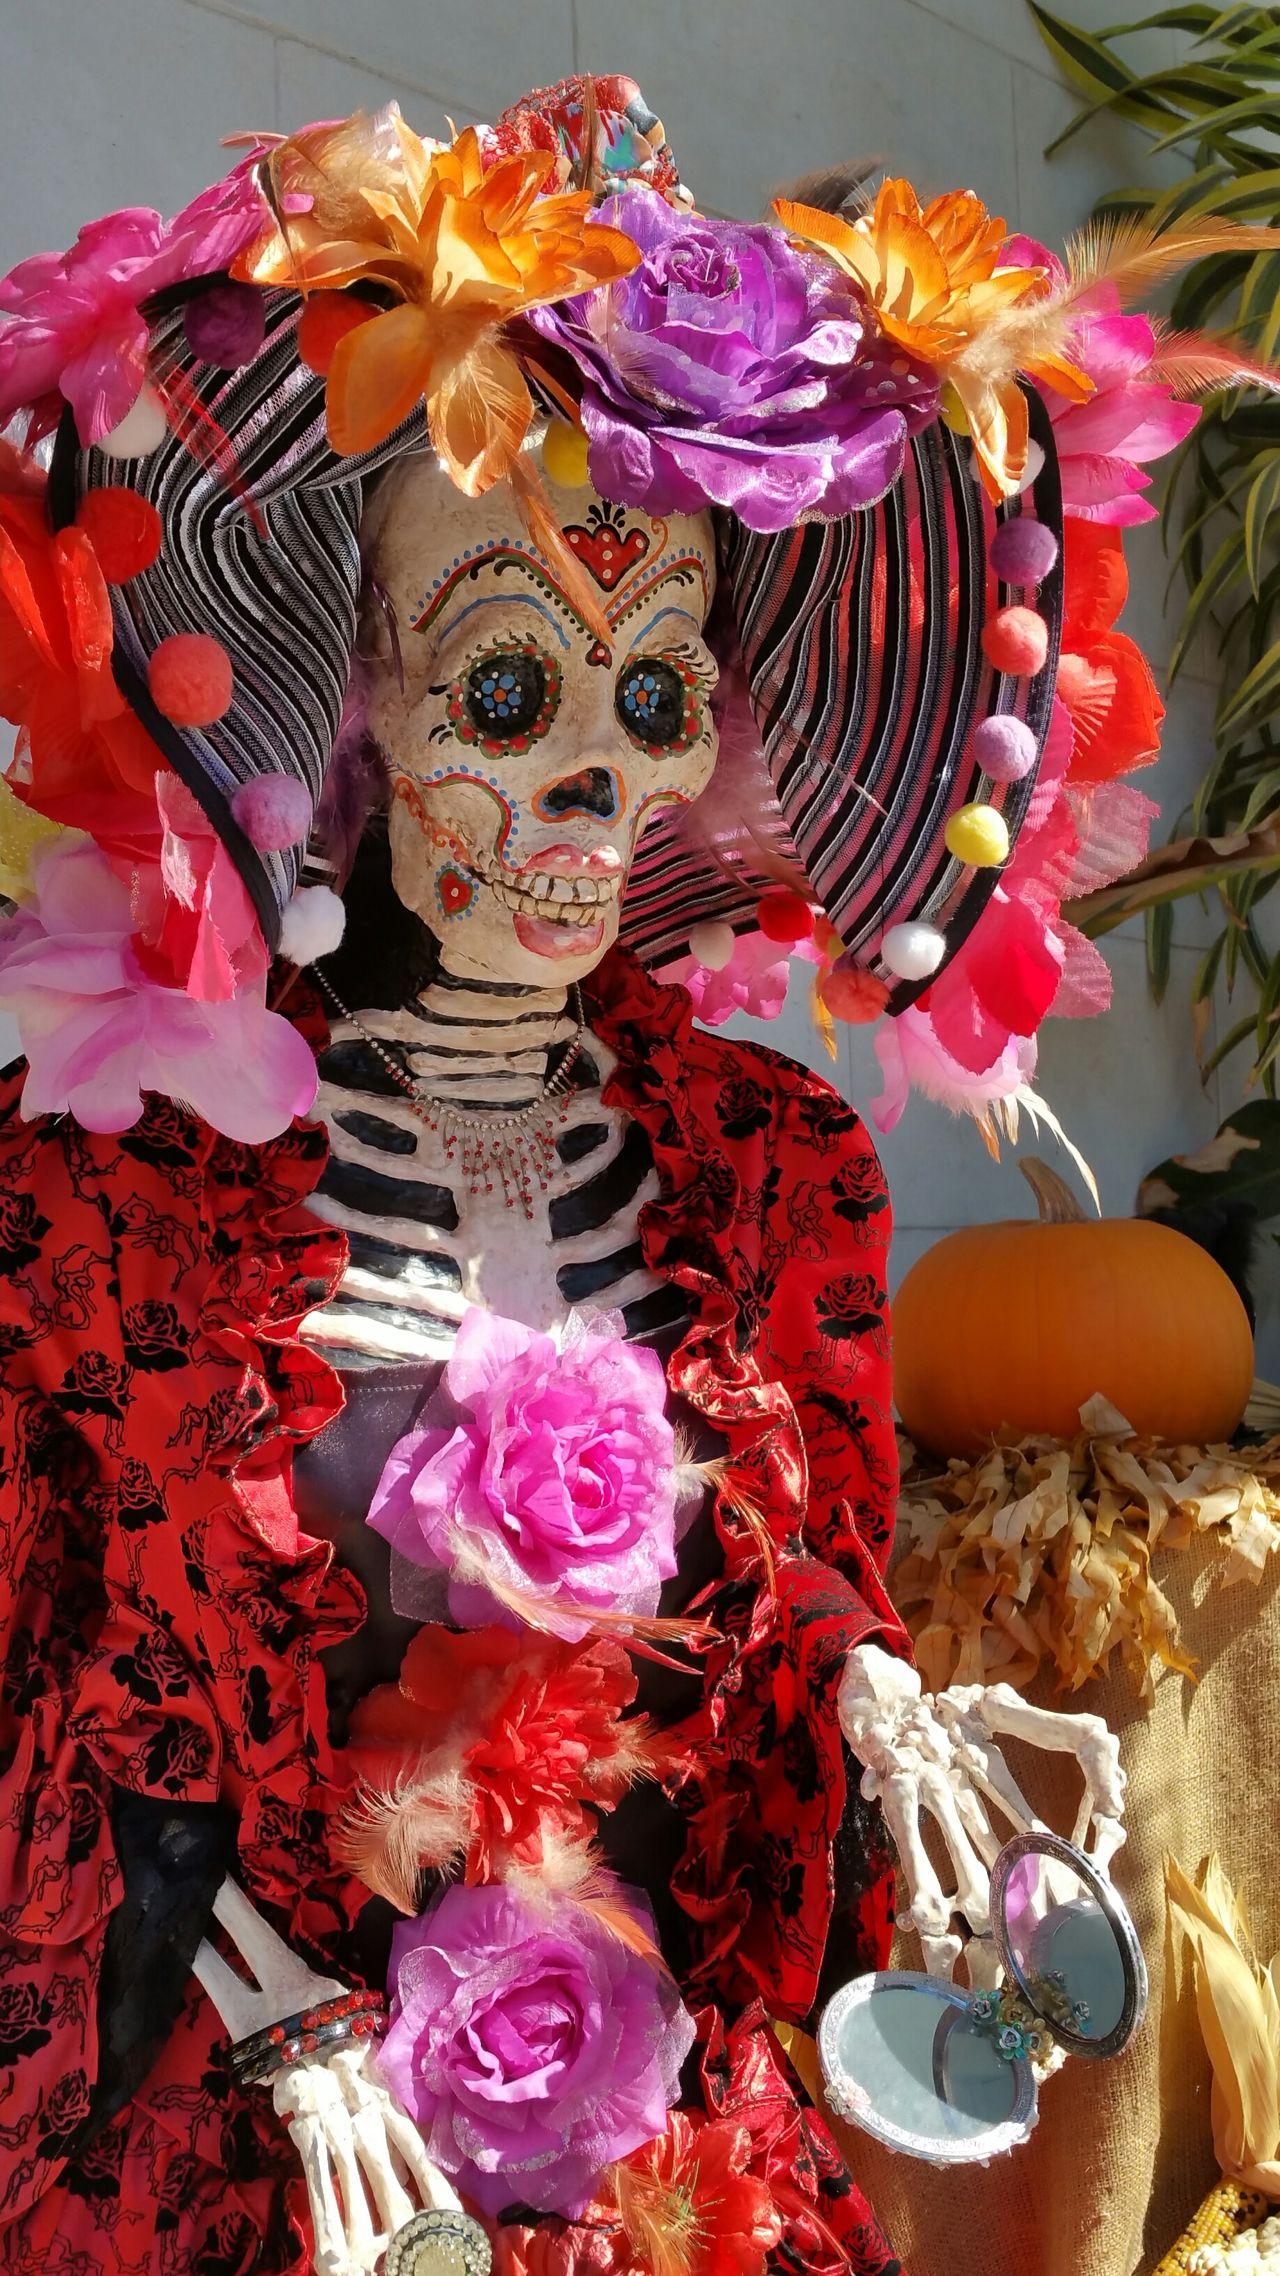 Dia De Los Muertos Calavera  Catrina Colors Brilliant Colors Red Big Hat Face Paint Mexican Culture Mexican Tradition November 2 Day Of The Dead